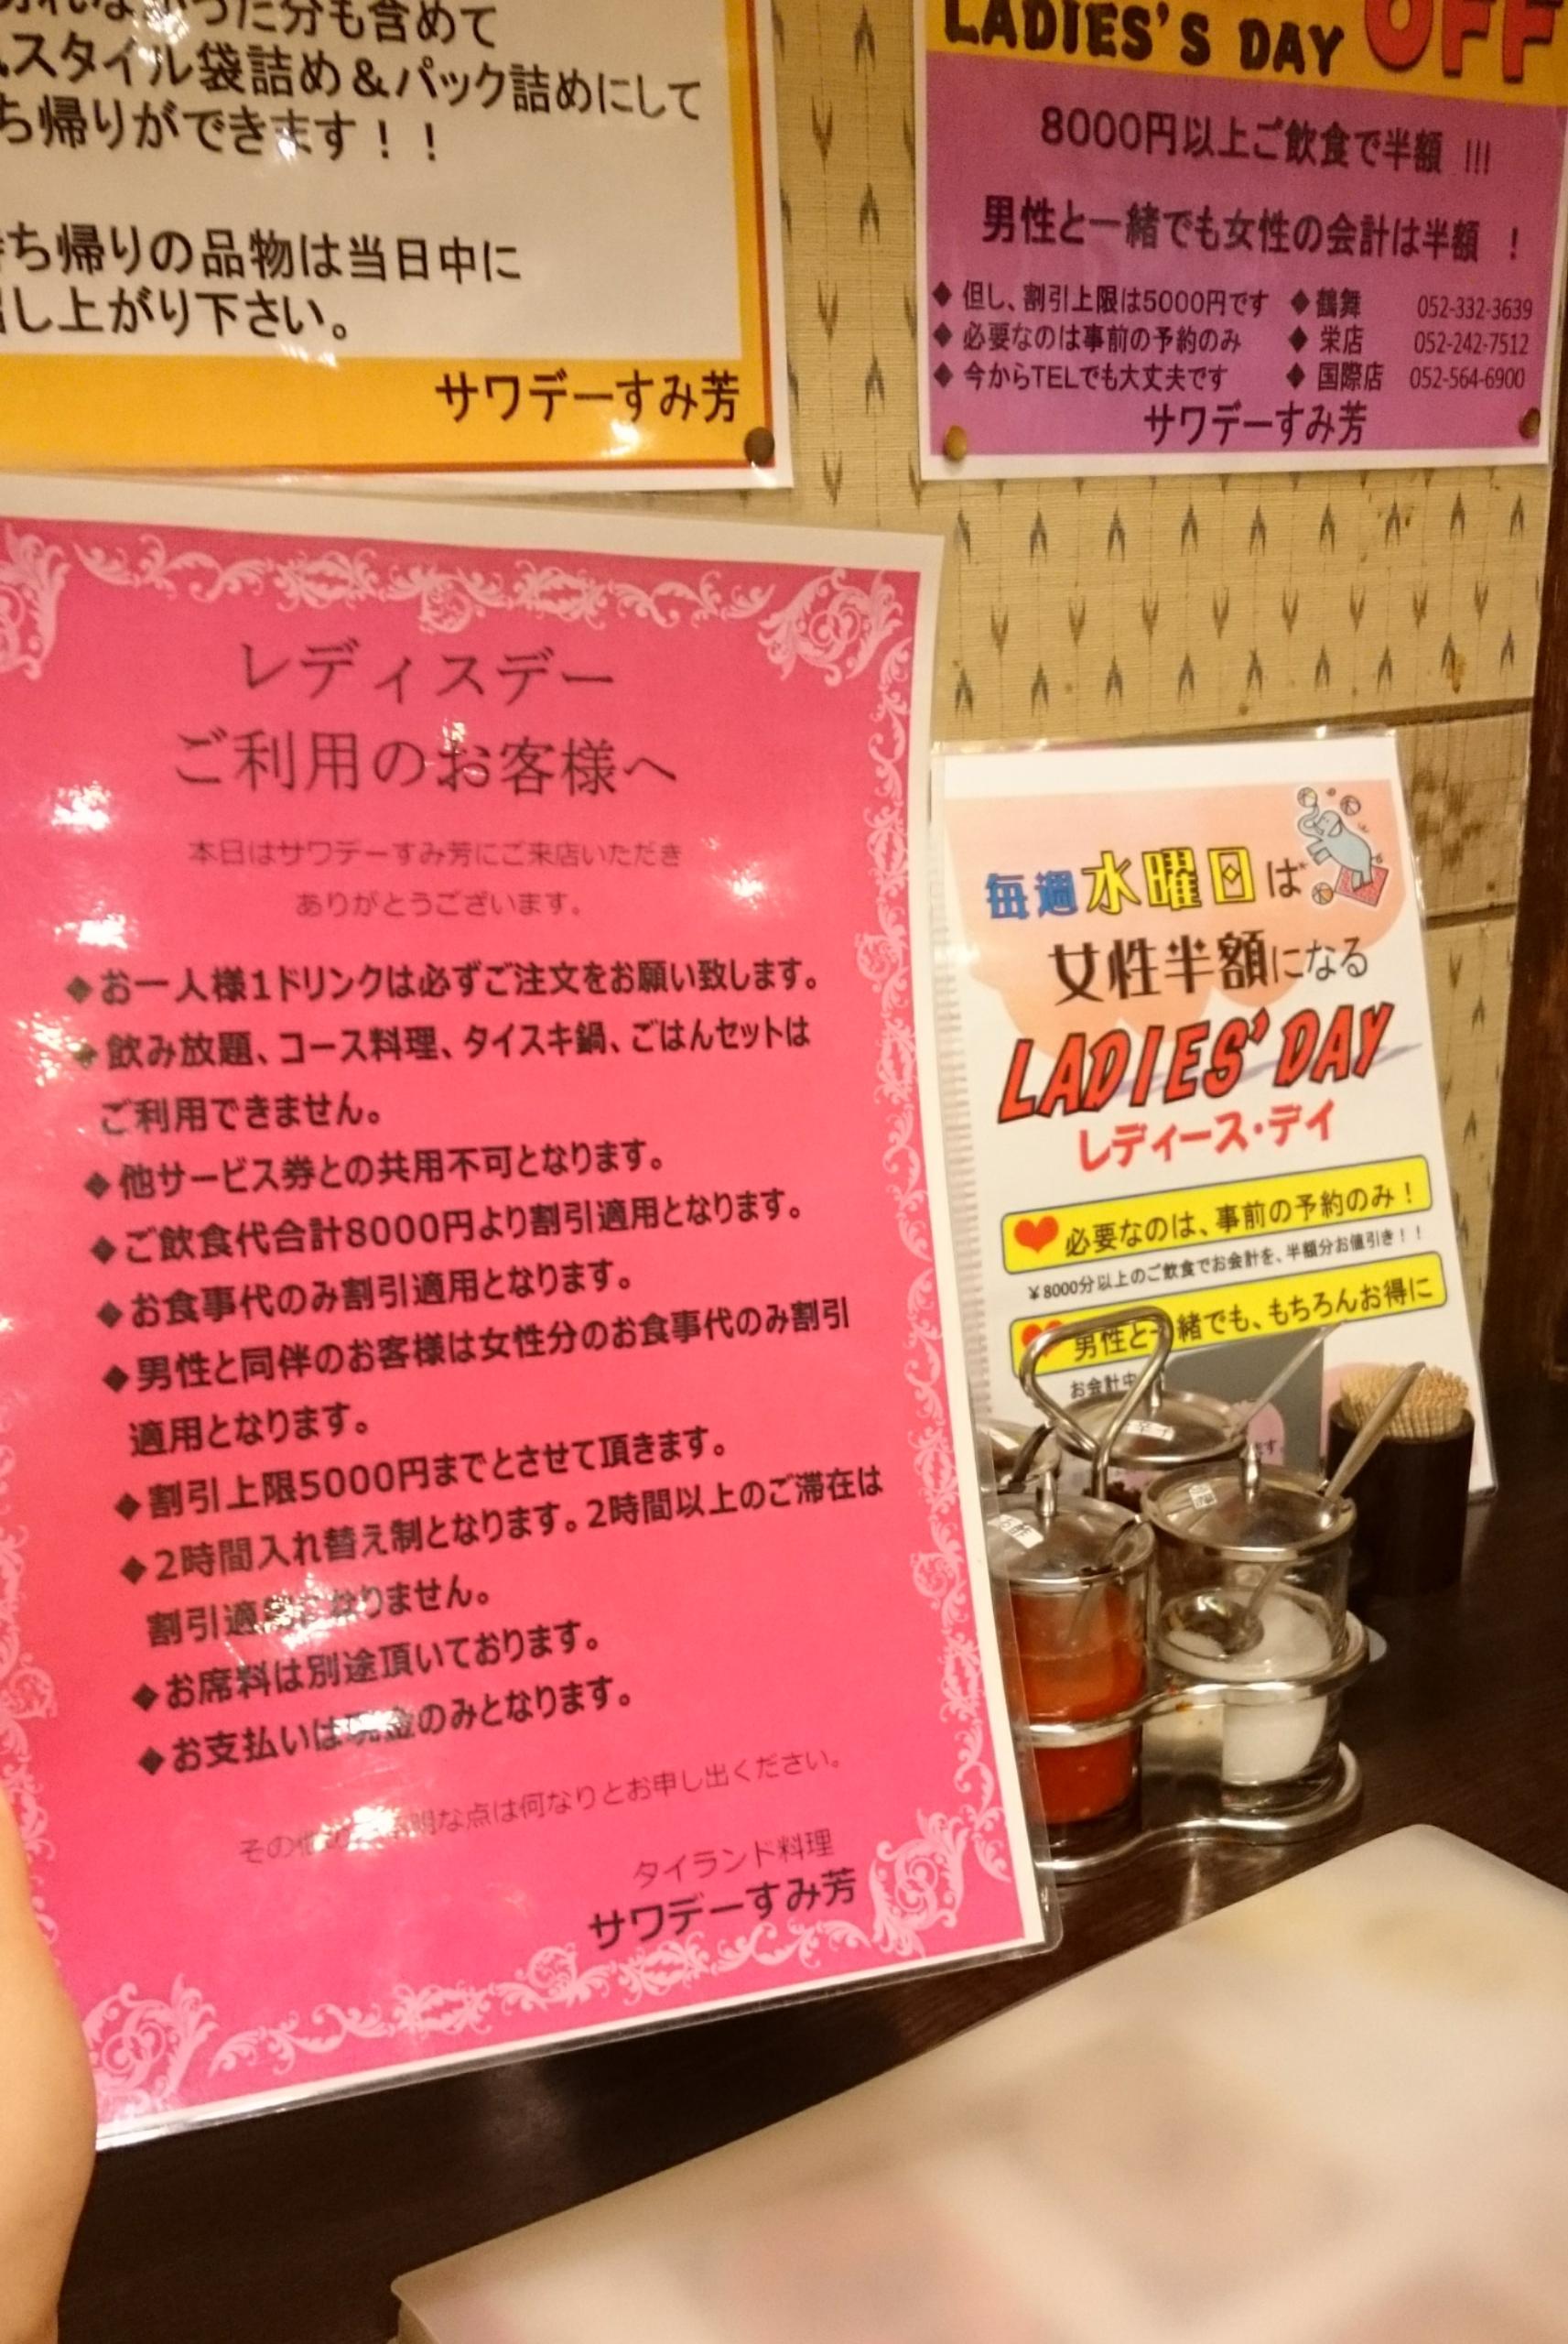 【レディースデー】半額でタイ料理を堪能するなら水曜日